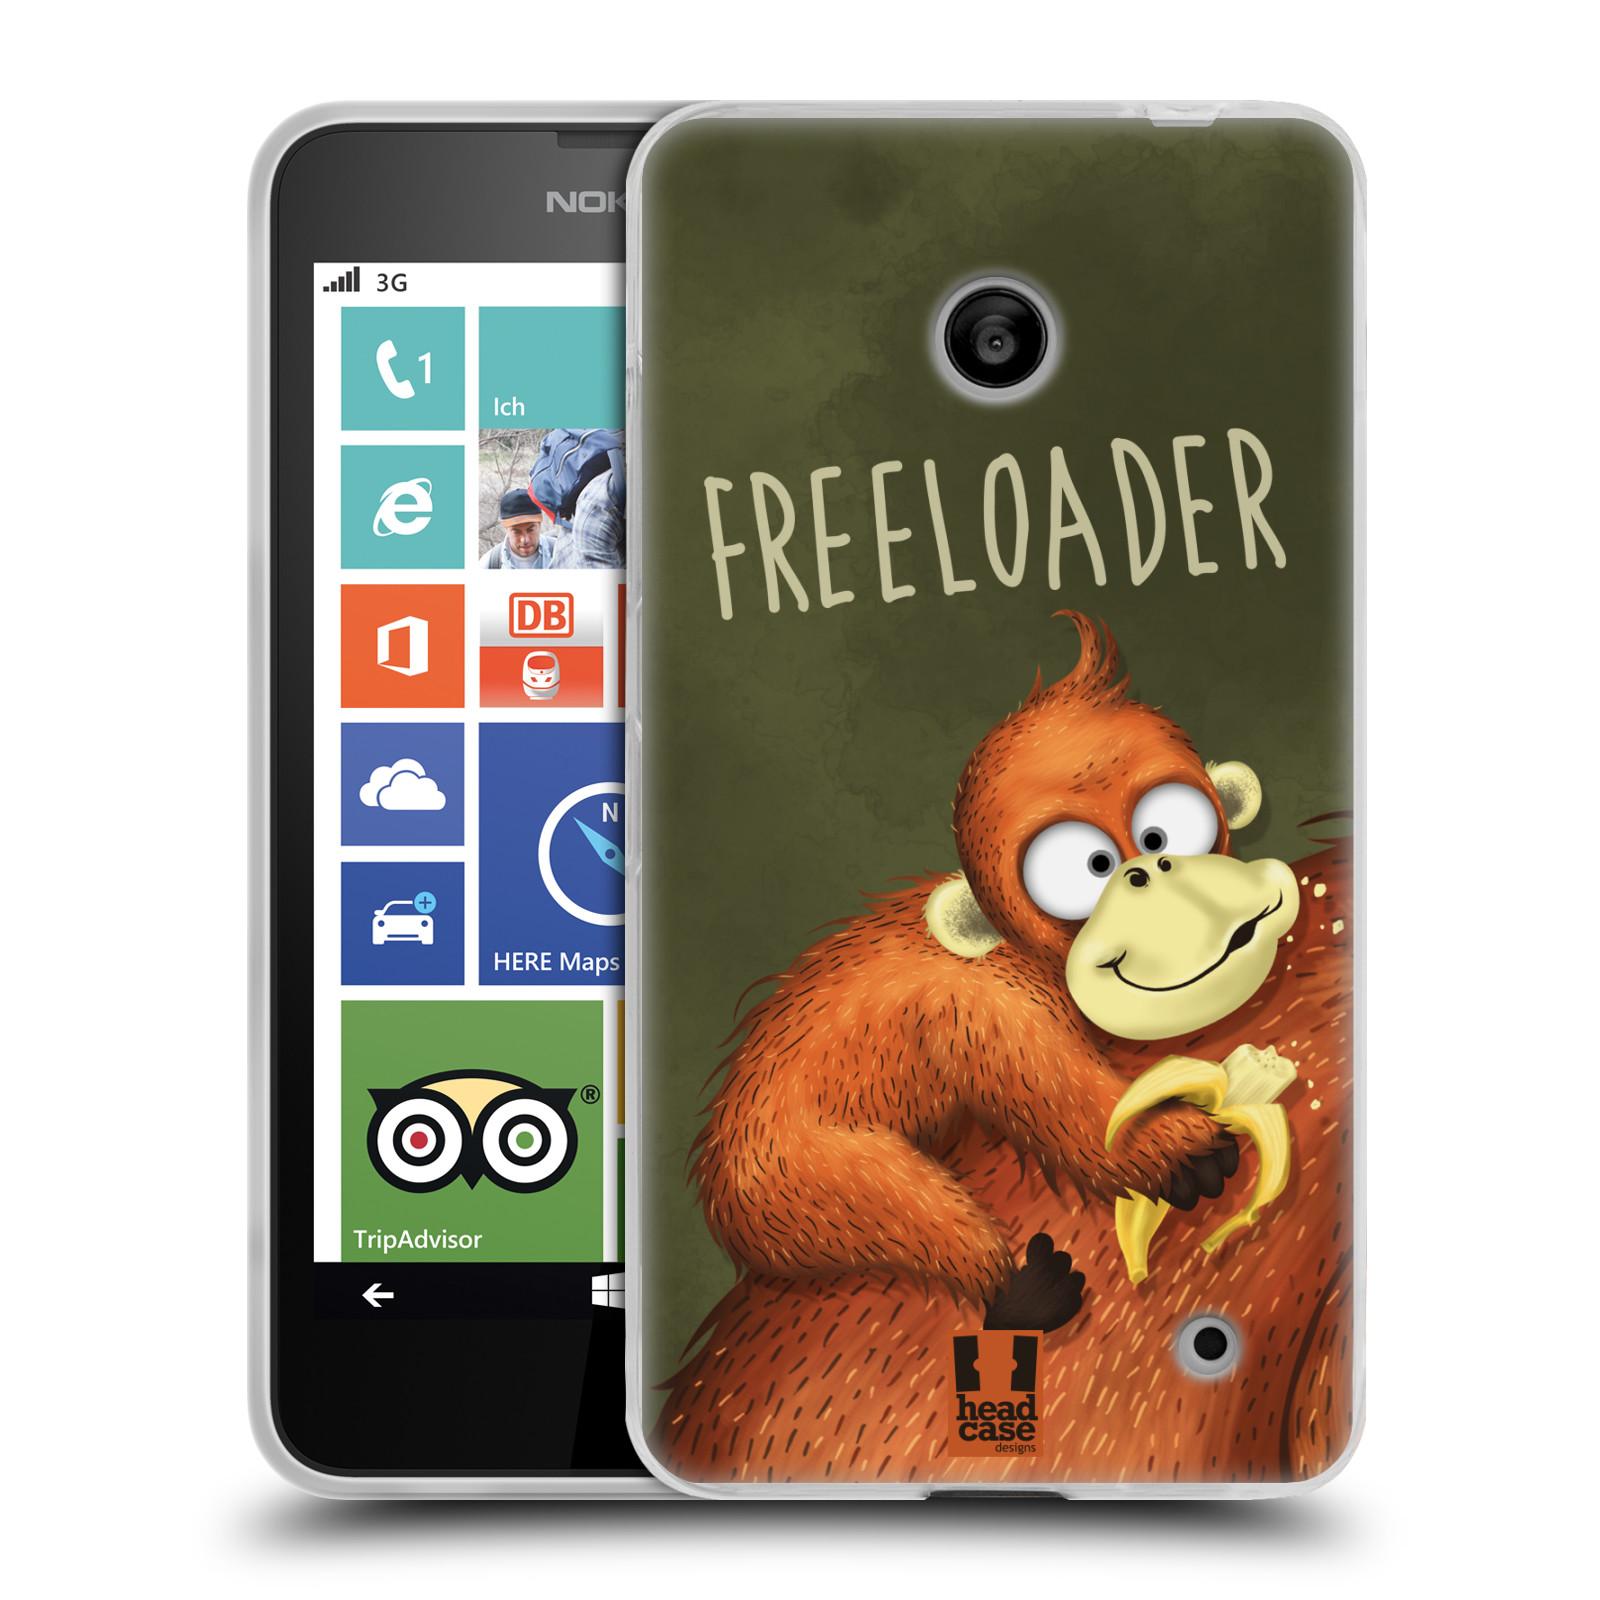 Silikonové pouzdro na mobil Nokia Lumia 635 HEAD CASE Opičák Freeloader (Silikonový kryt či obal na mobilní telefon Nokia Lumia 635 Dual SIM)